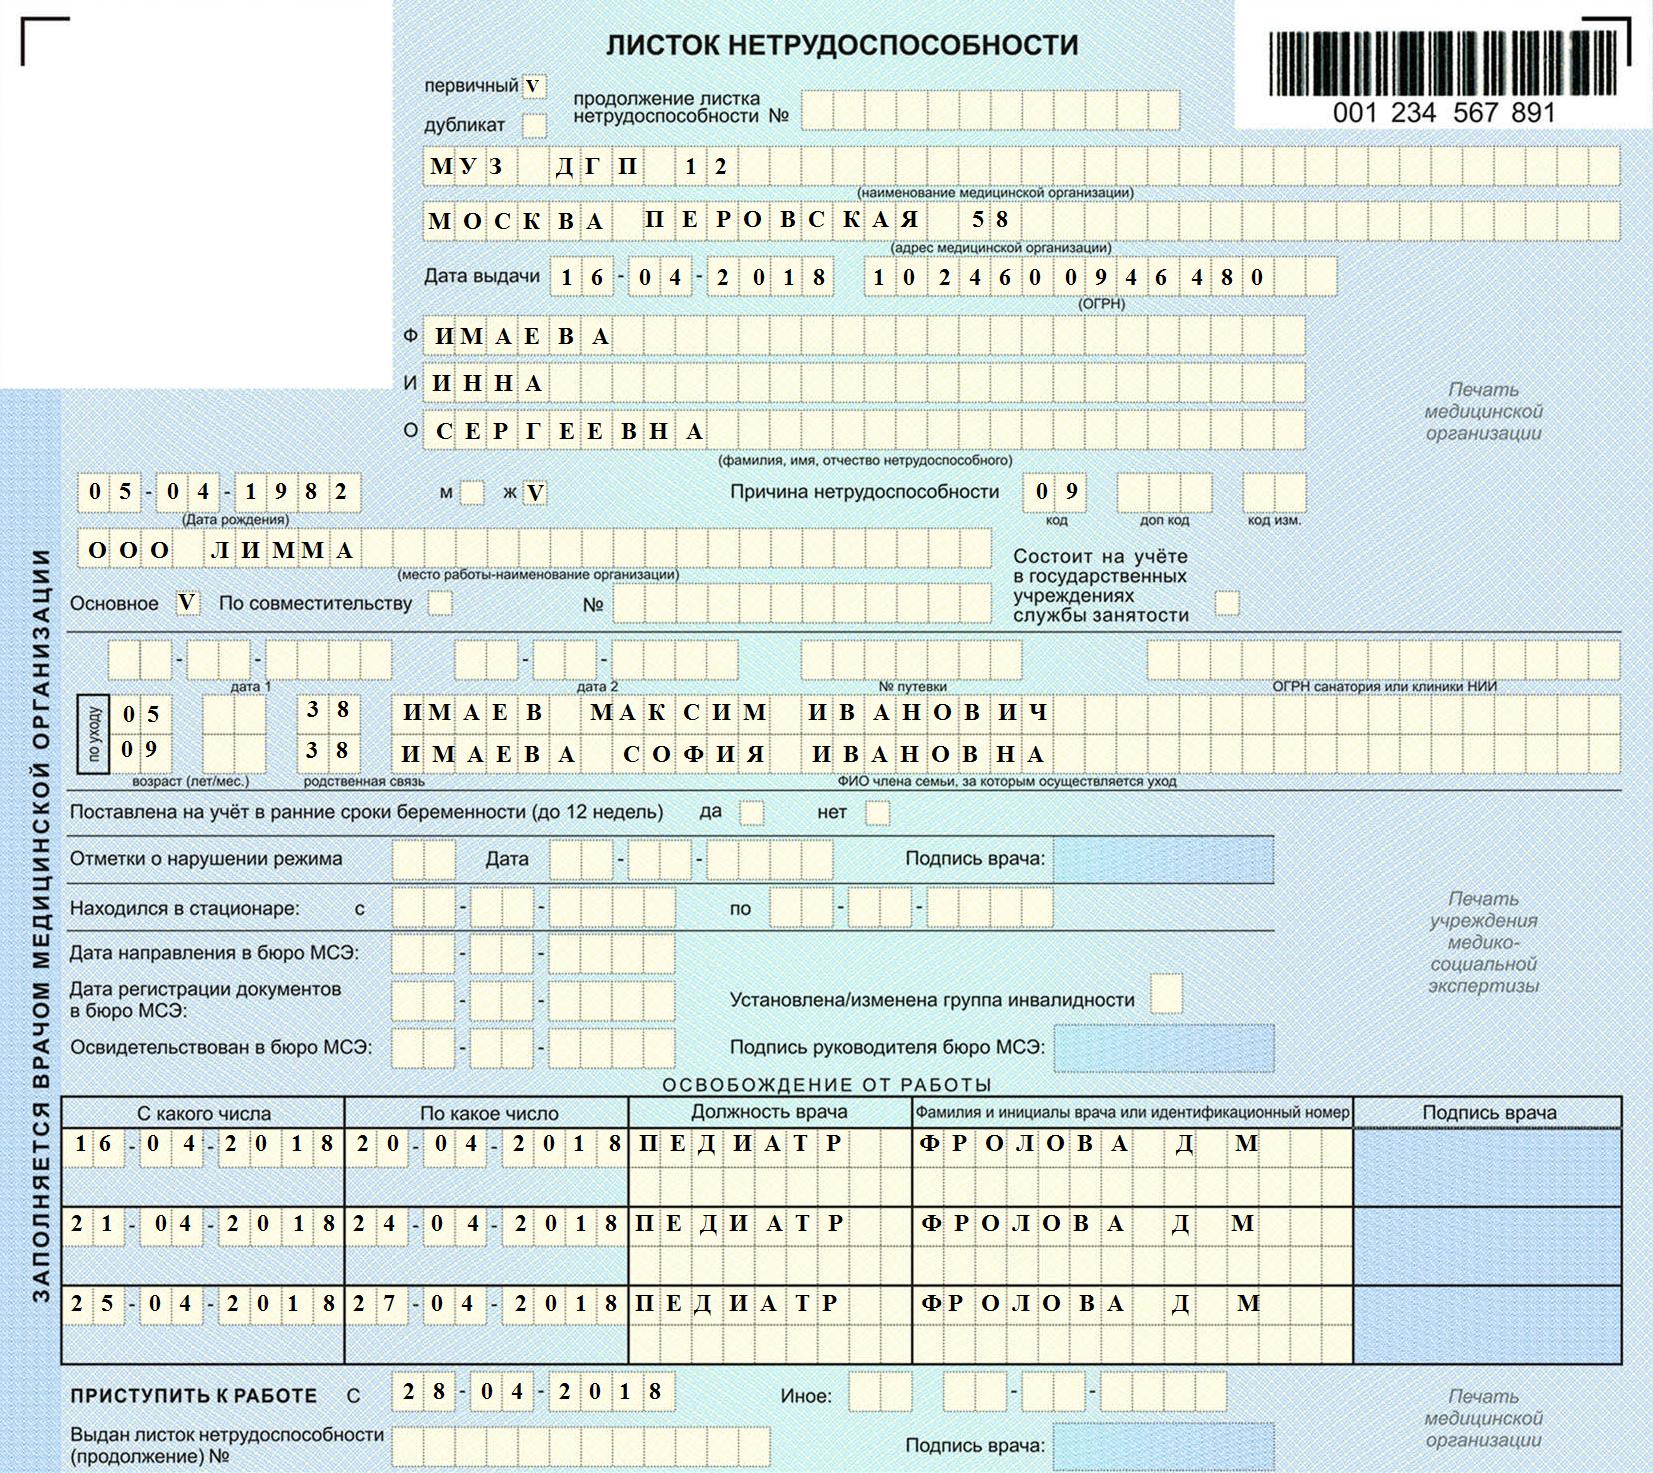 Как заполняется больничный лист для фсс Справка из психоневрологического диспансераметро Нарвская